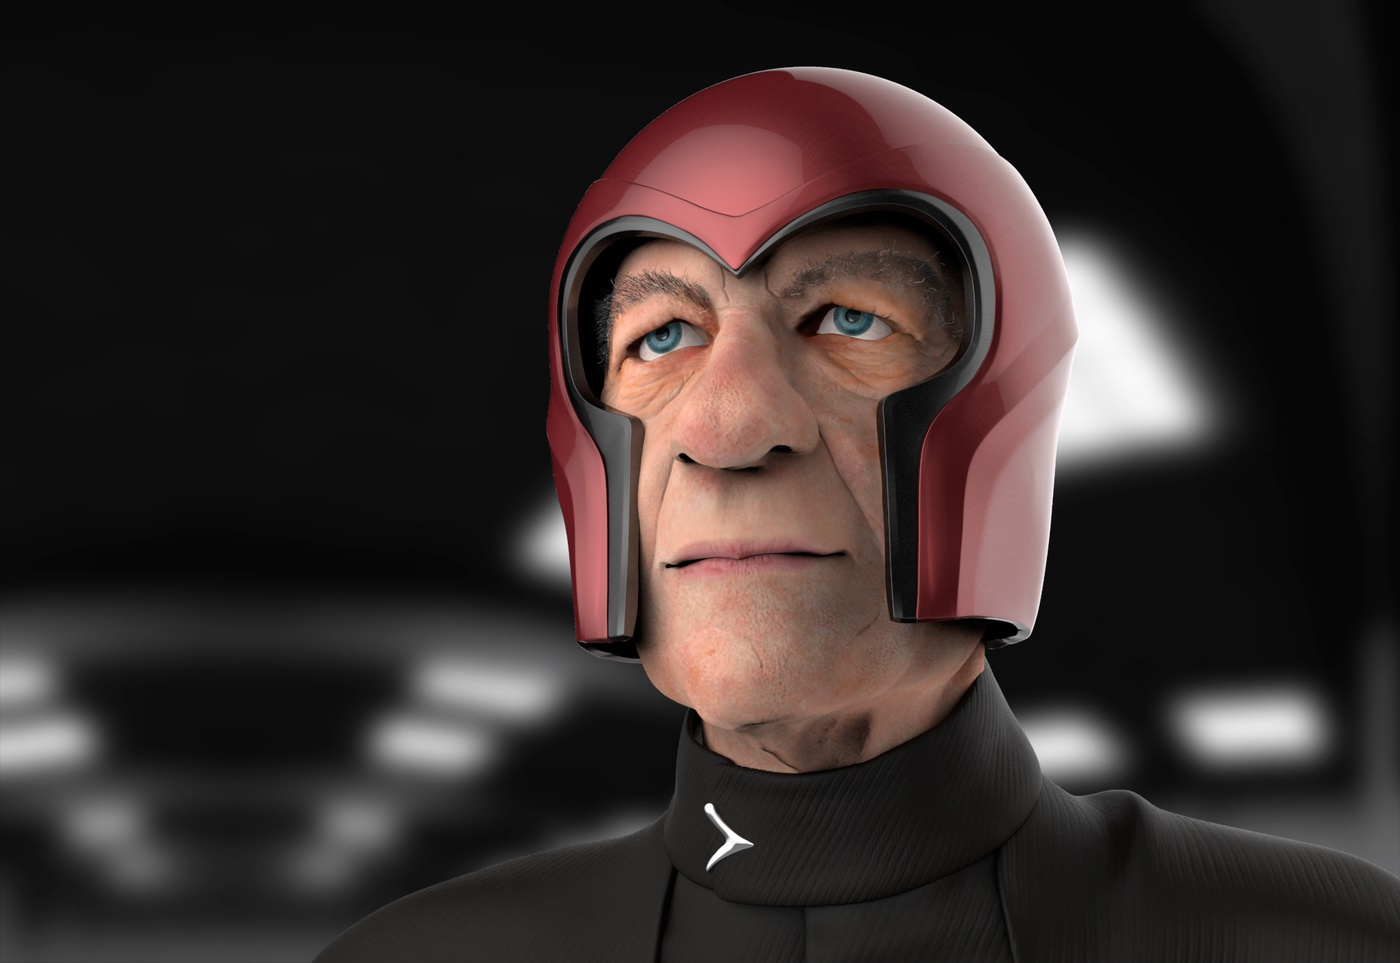 magneto x-men marvel character helmet render model 3d